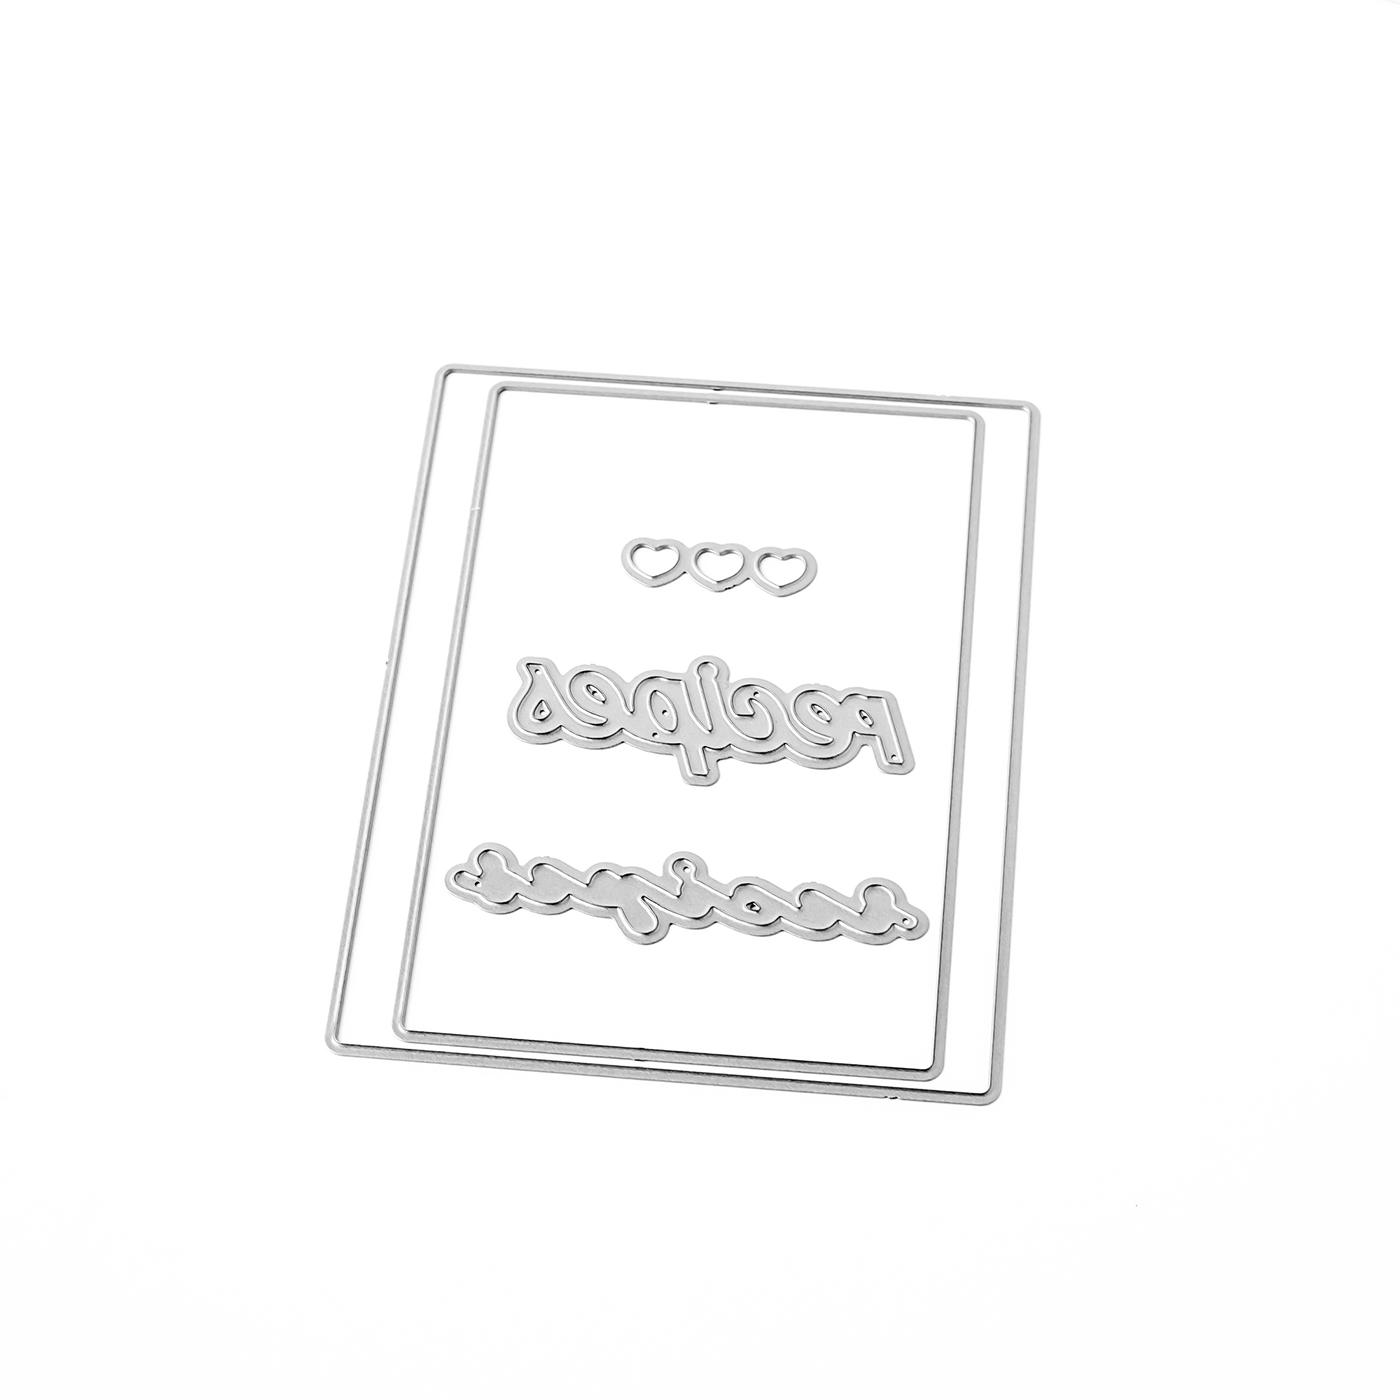 Pigment Recipe Card Builder Dies